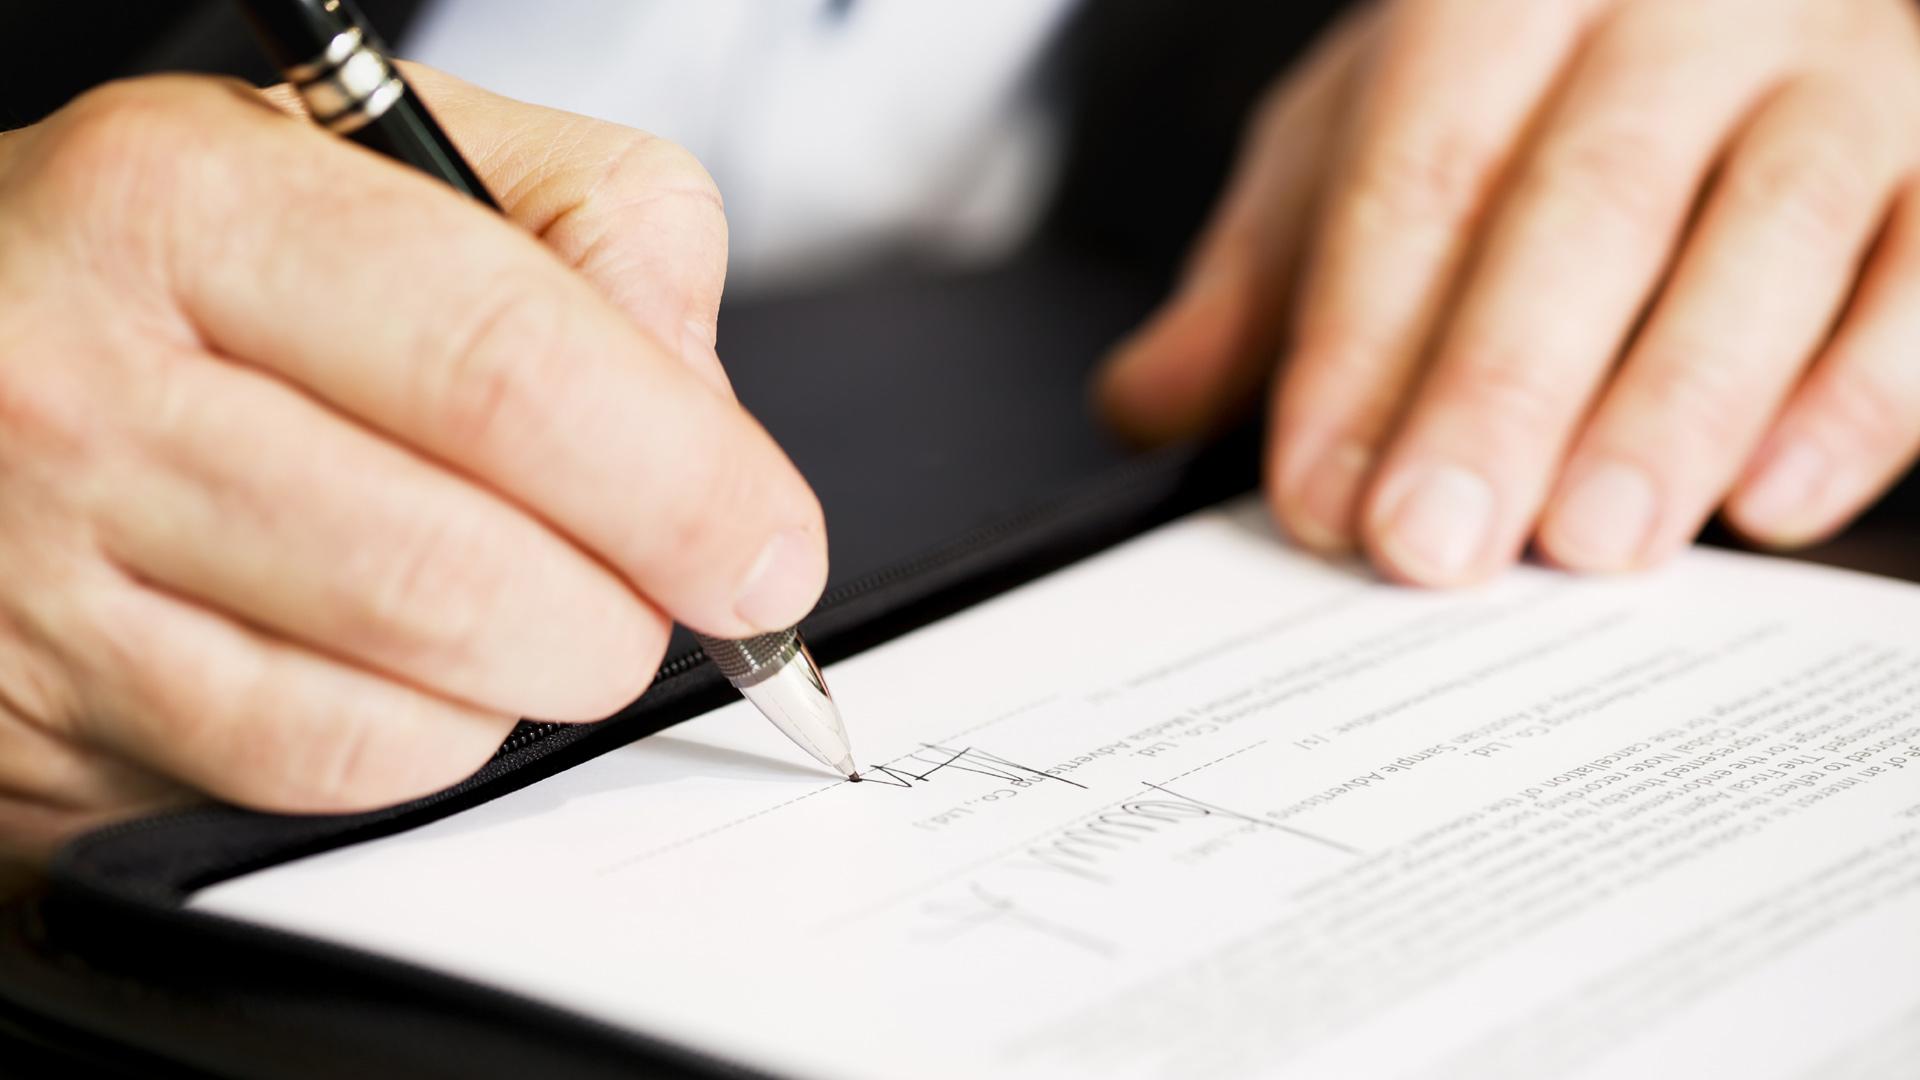 Los malos entendidos pueden prevenirse con contratos cuidadosos y estudios de mercado